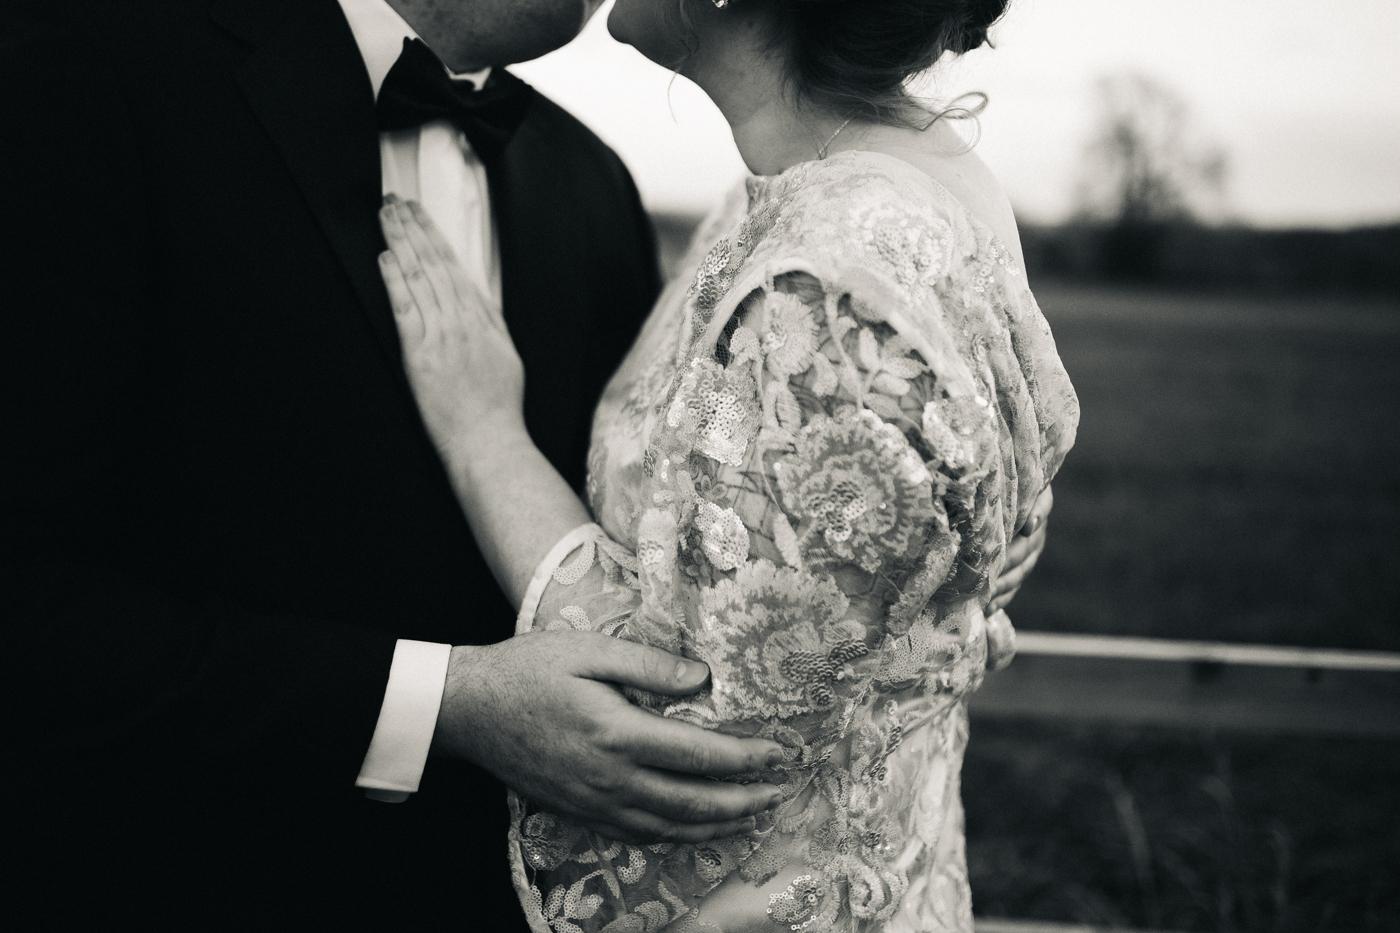 derby-derbyshire-wedding-photographer-creative-white-hart-inn-wedding-0012.jpg